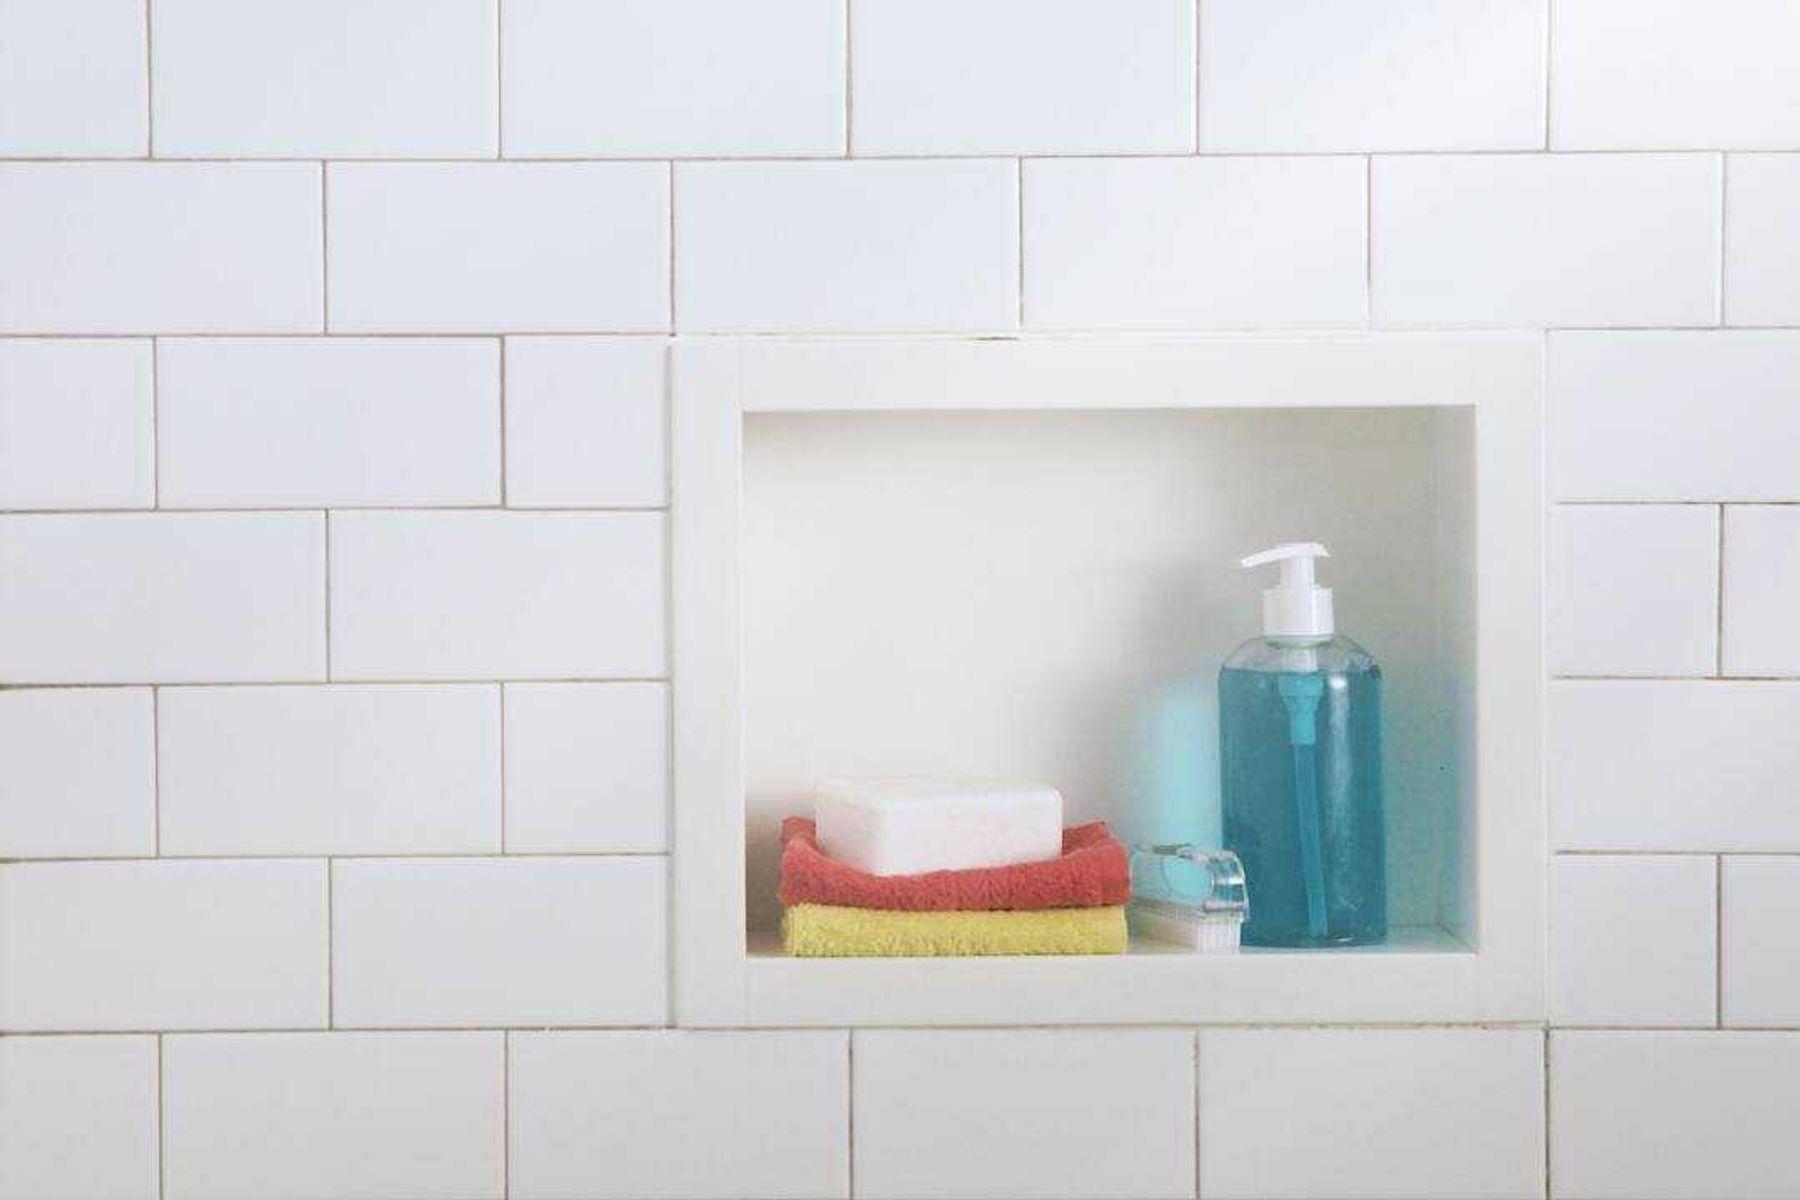 limpeza-rapida-como-limpar-o-banheiro-em-15-minutos-ou-menos